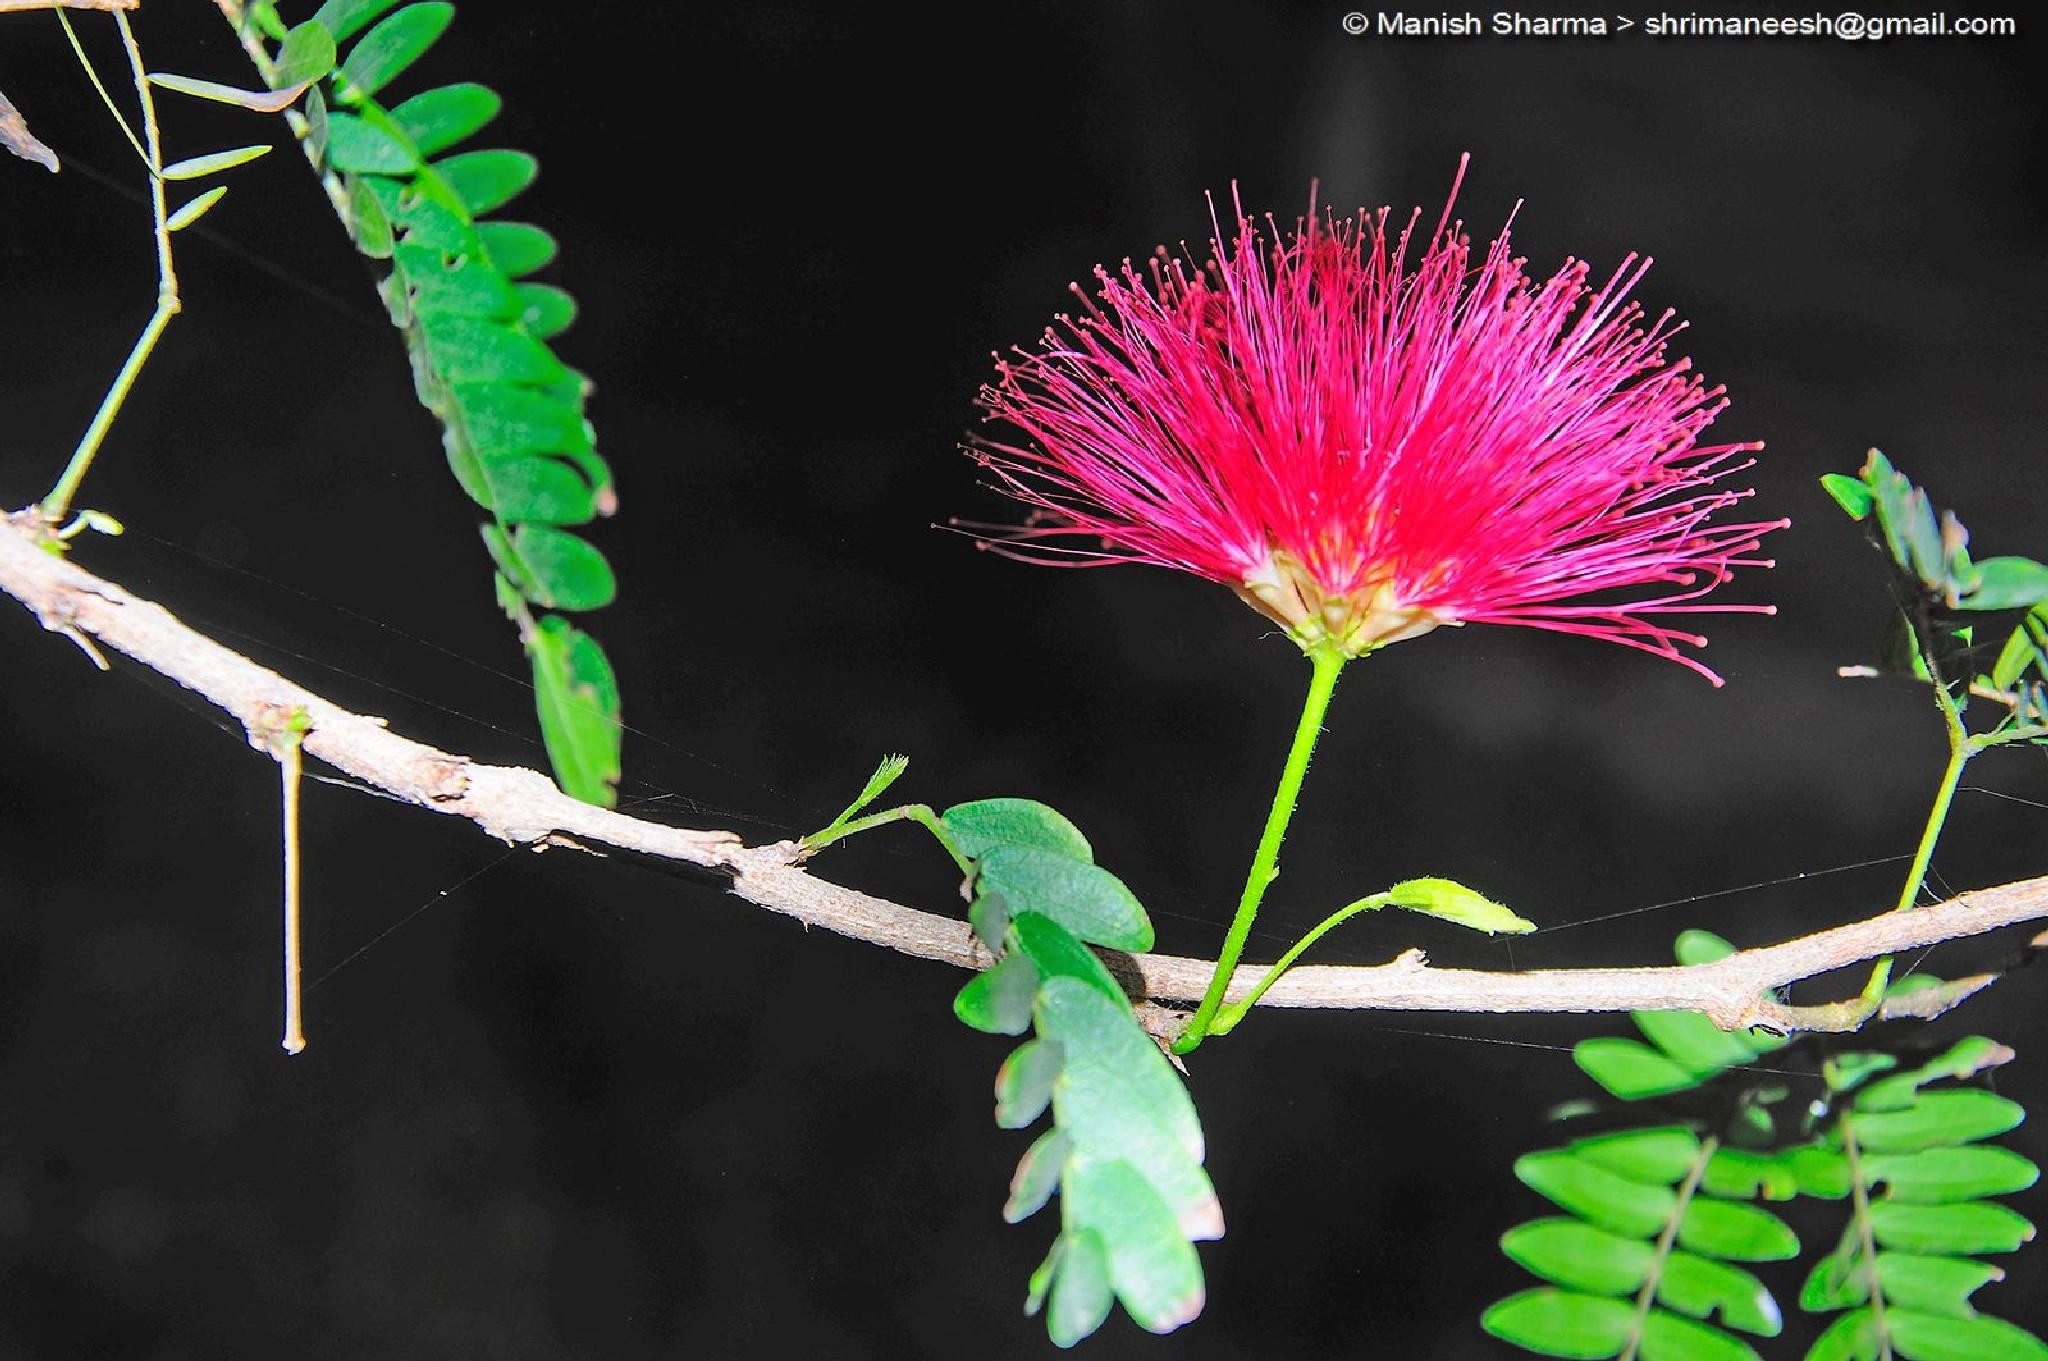 खिलते हैं गुल यहाँ........ Flowers blooms here ....in pink city Jaipur, India  by Maneesh Sharma